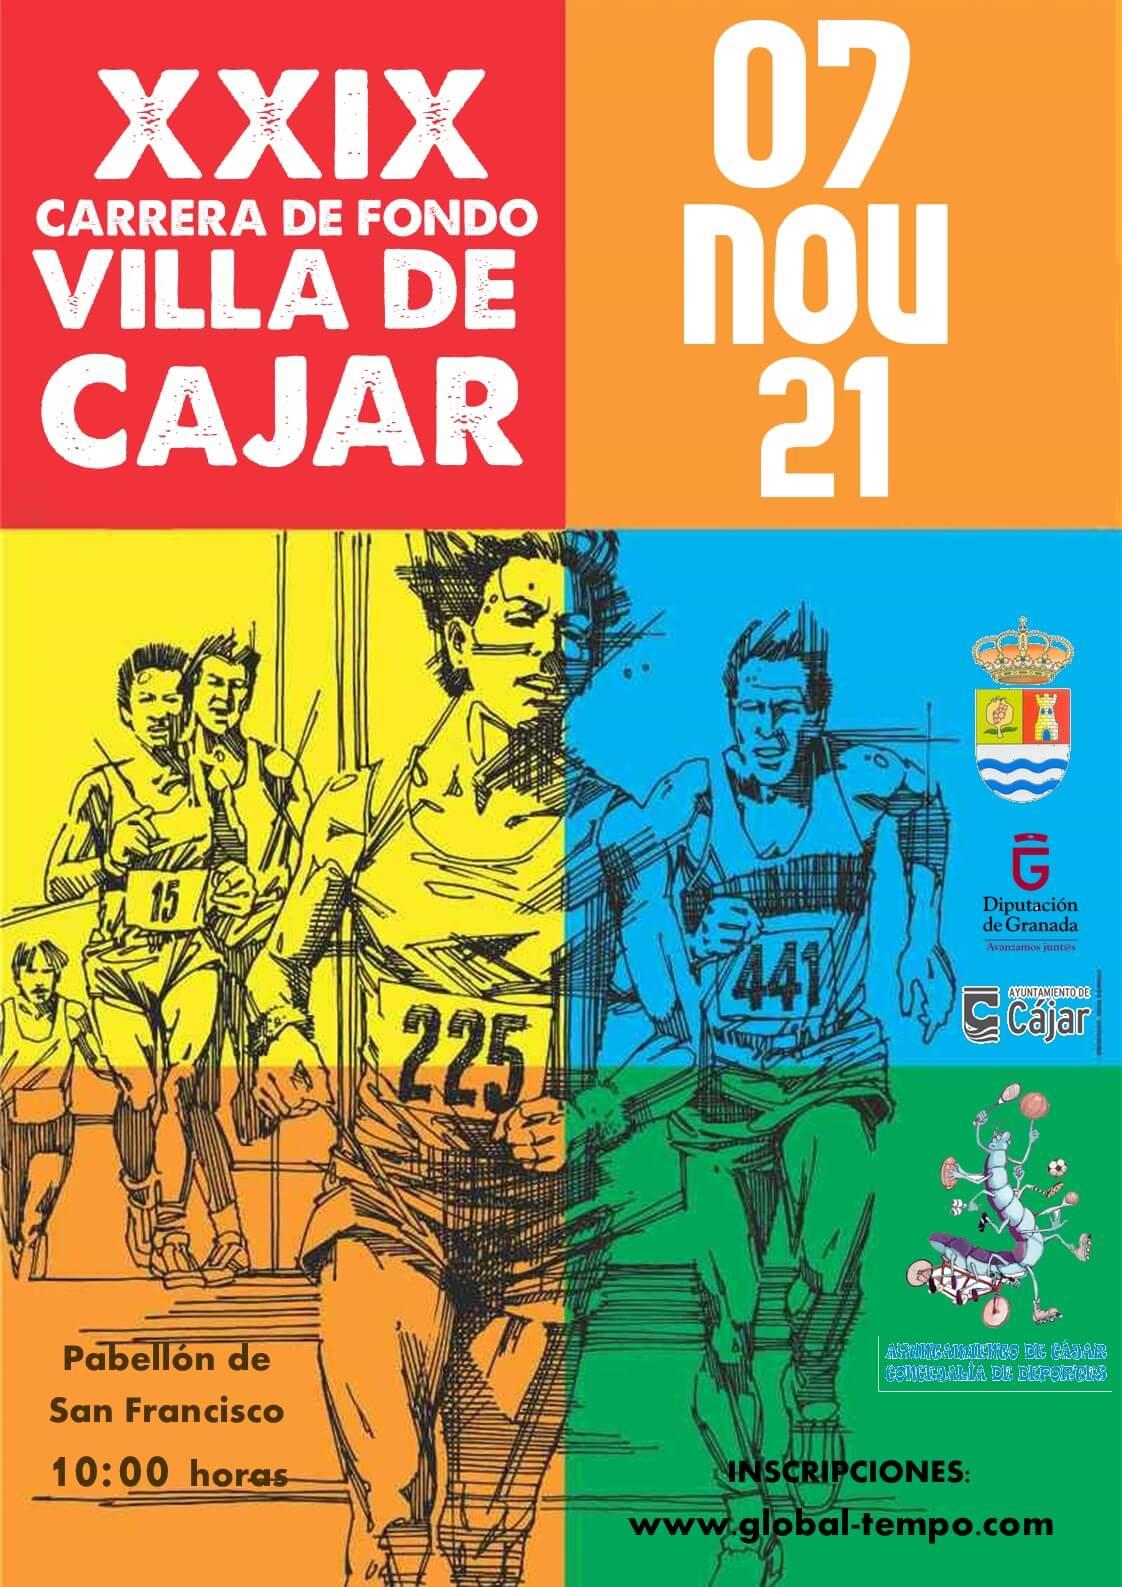 XXIX Carrera de Fondo Villa de Cájar